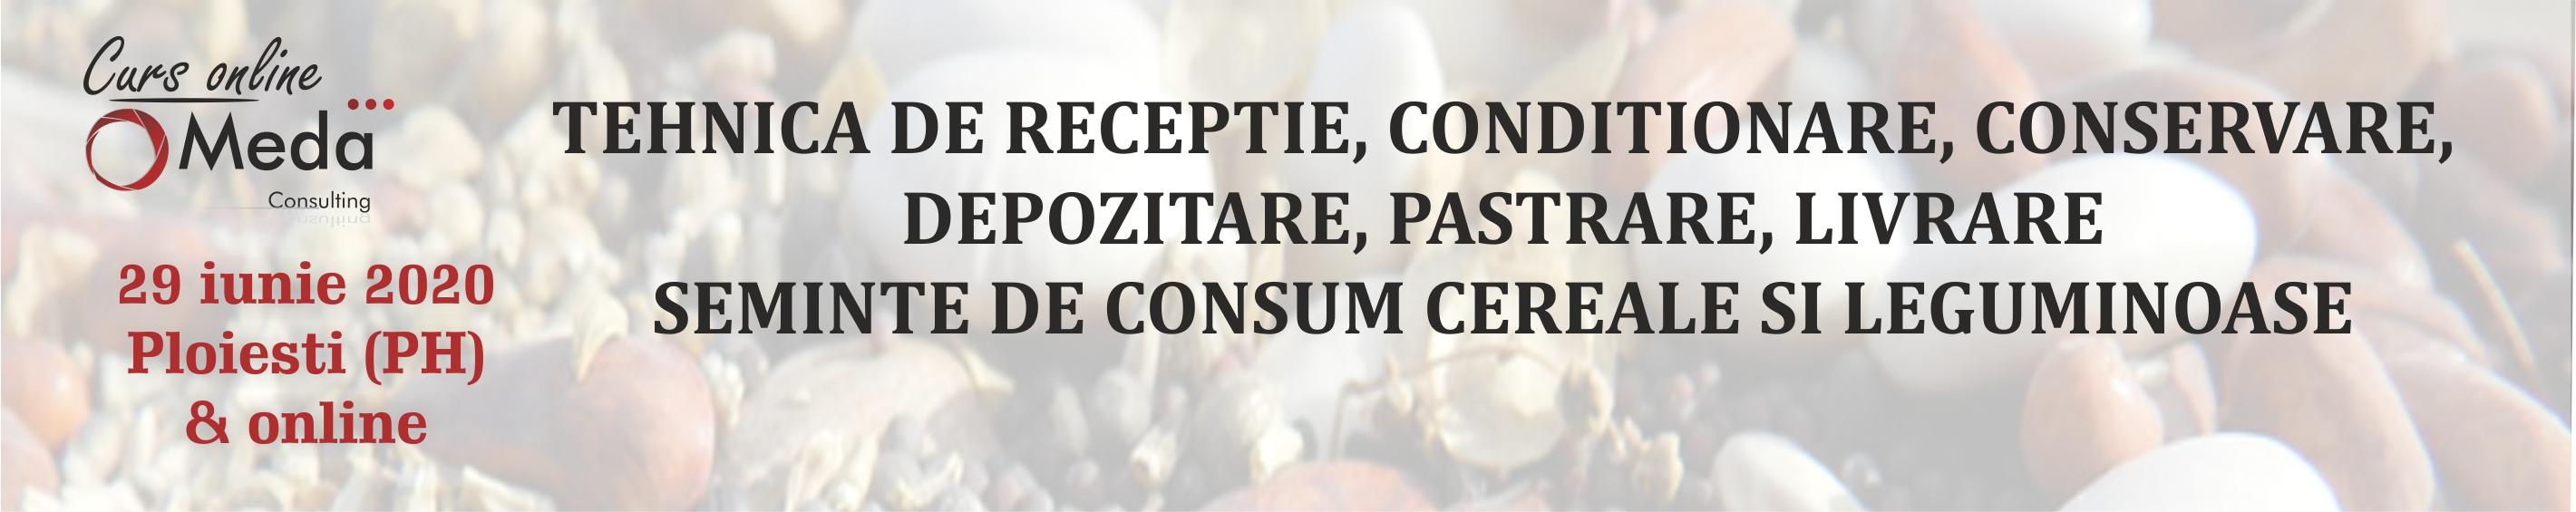 tehnica de receptie, conditionare, conservare, depozitare, pastrare, livrare seminte de consum cereale leguminoase